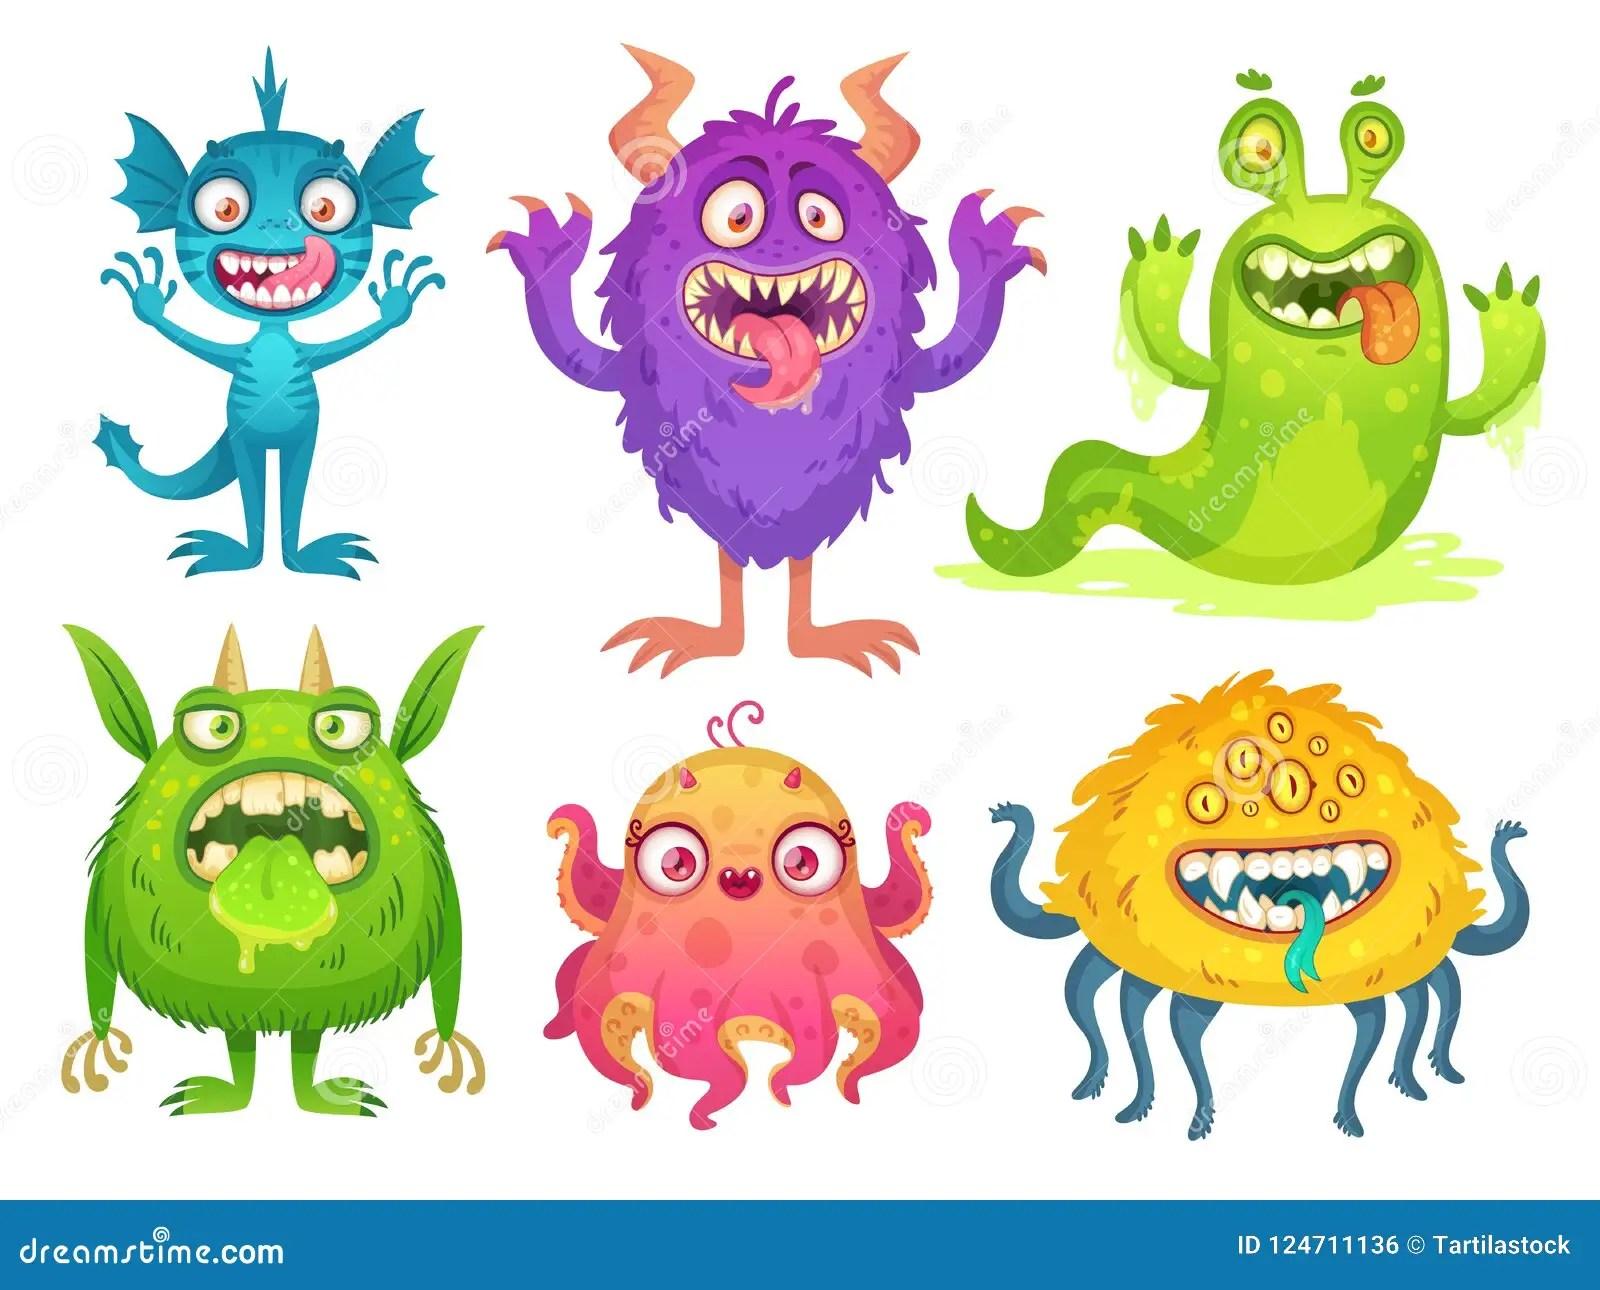 Cartoon Monster Mascot Halloween Funny Monsters Bizarre